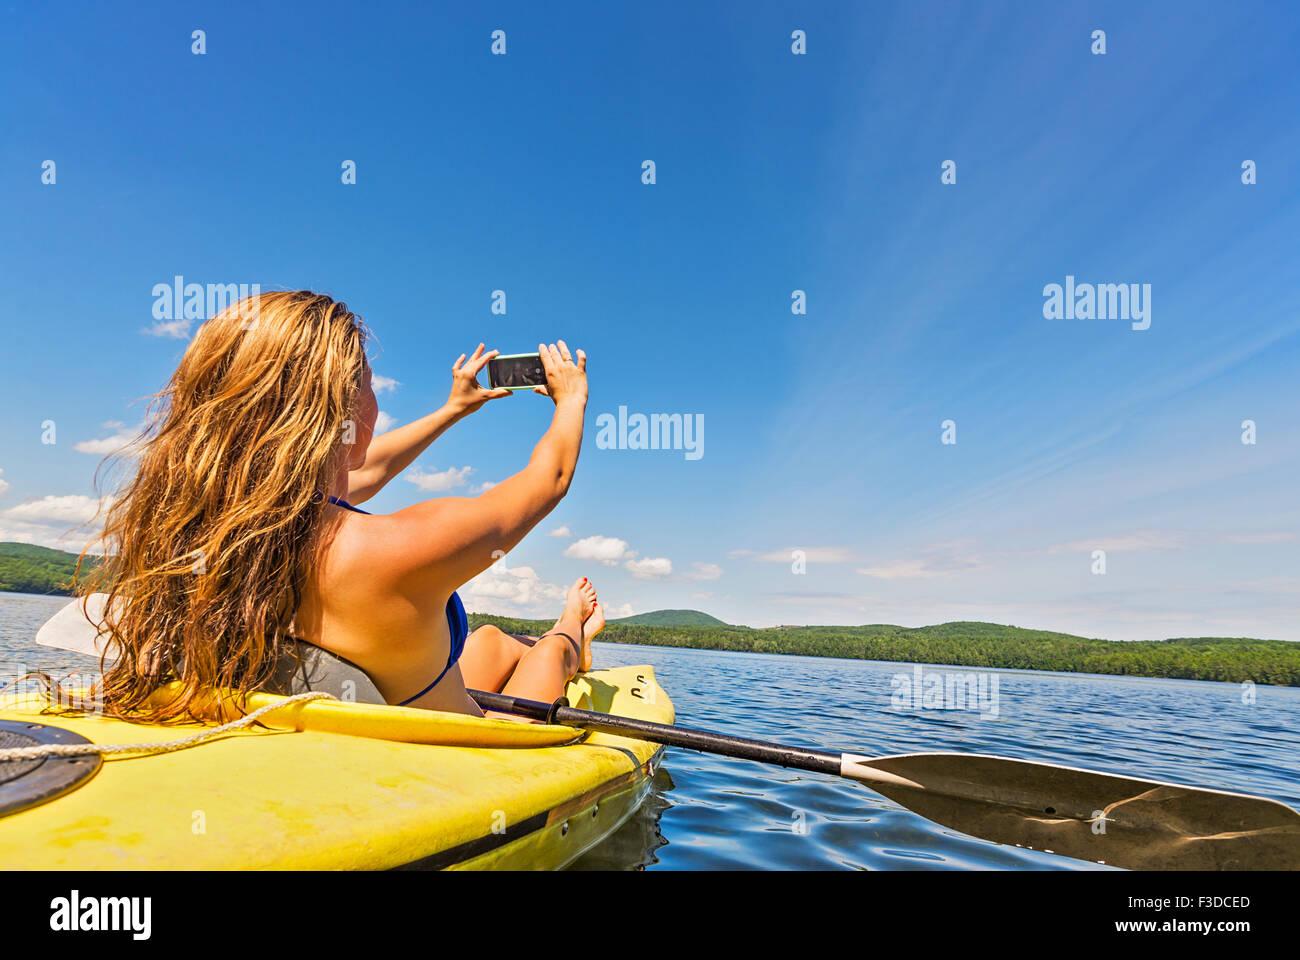 Mujer joven tomando selfie en kayak en el lago Foto de stock